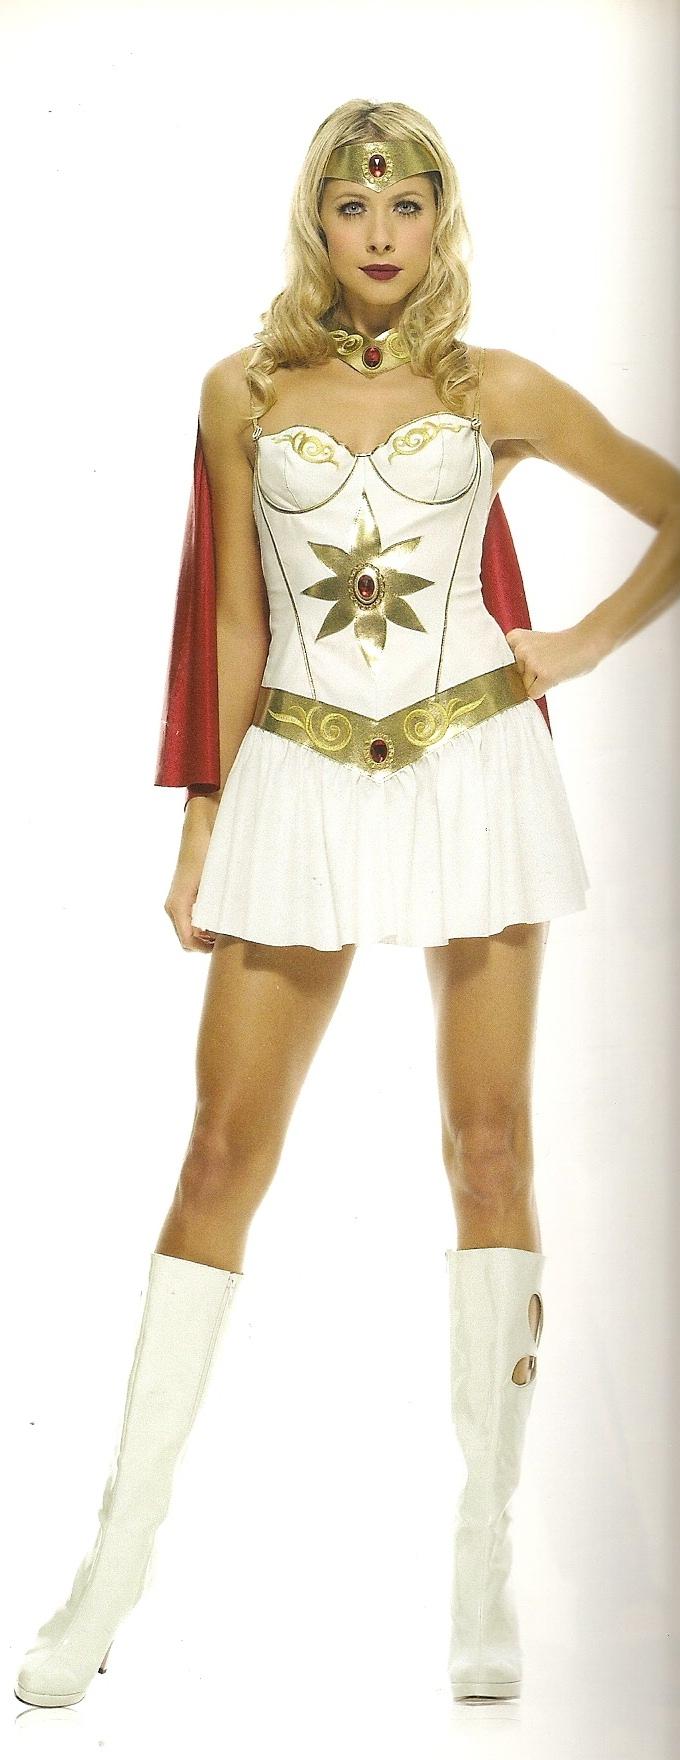 Female-Super-Hero